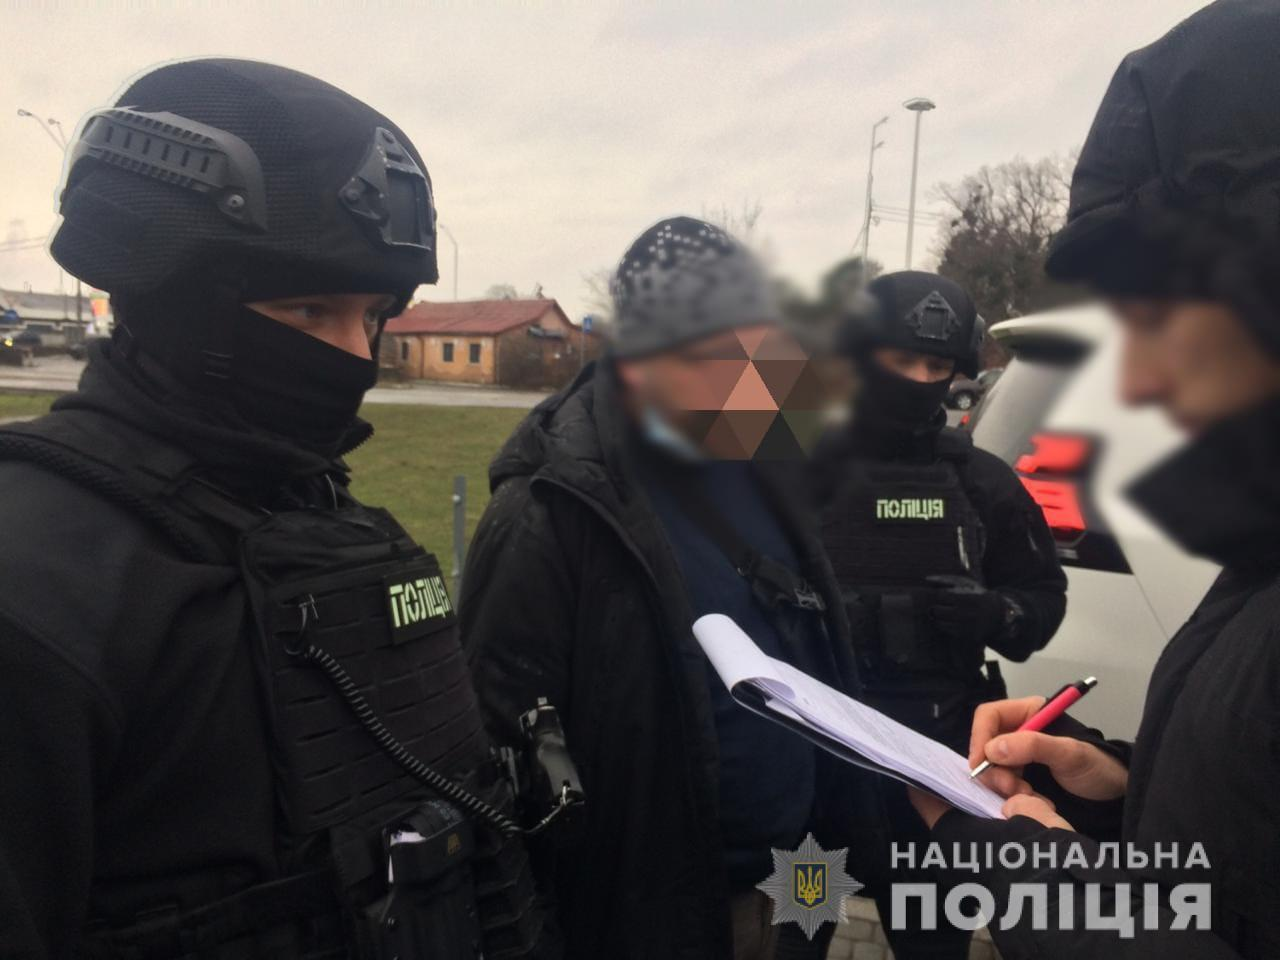 Злоумышленника задержали правоохранители.